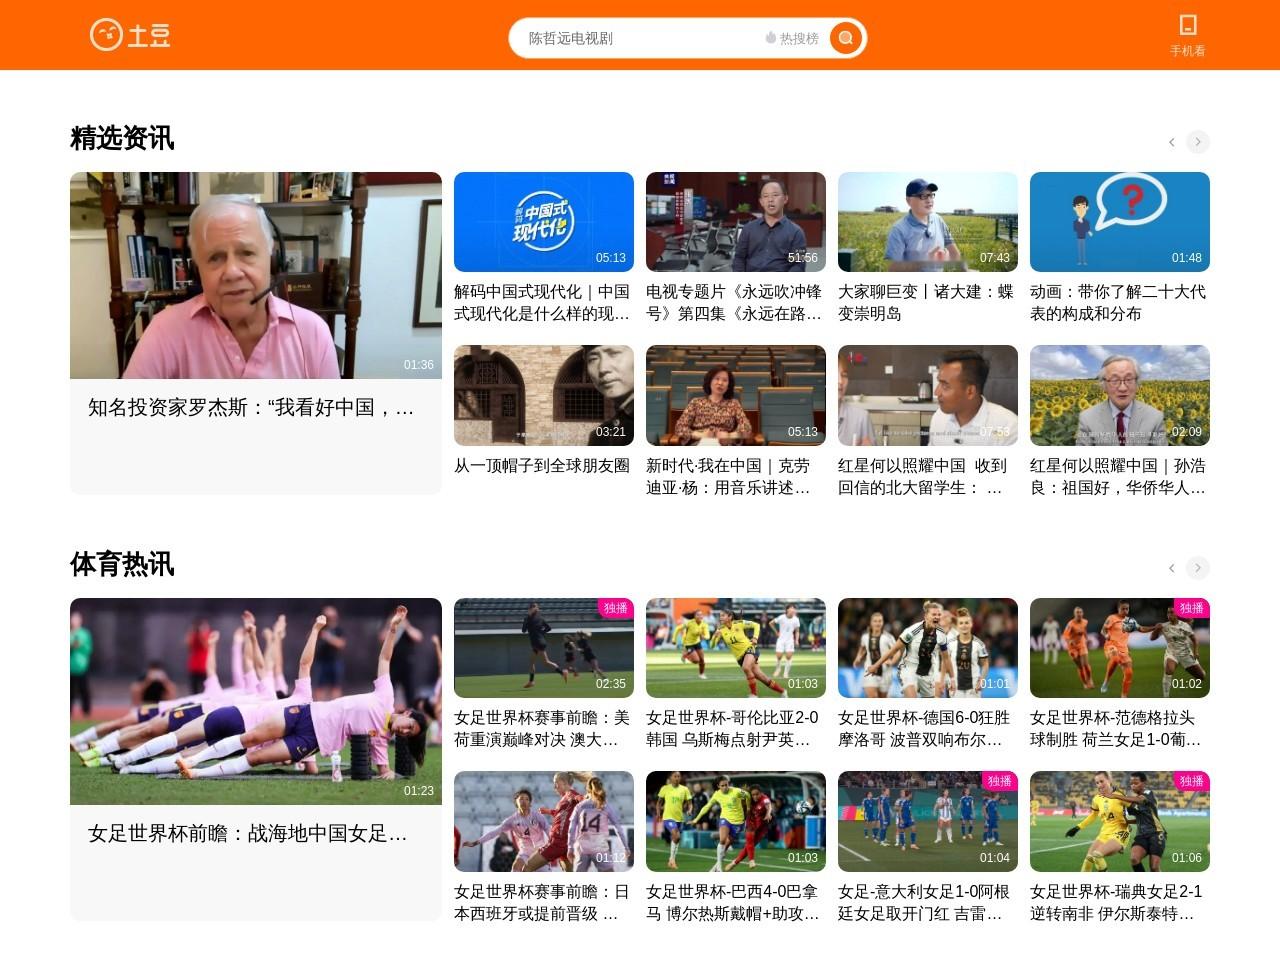 土豆网-动画频道